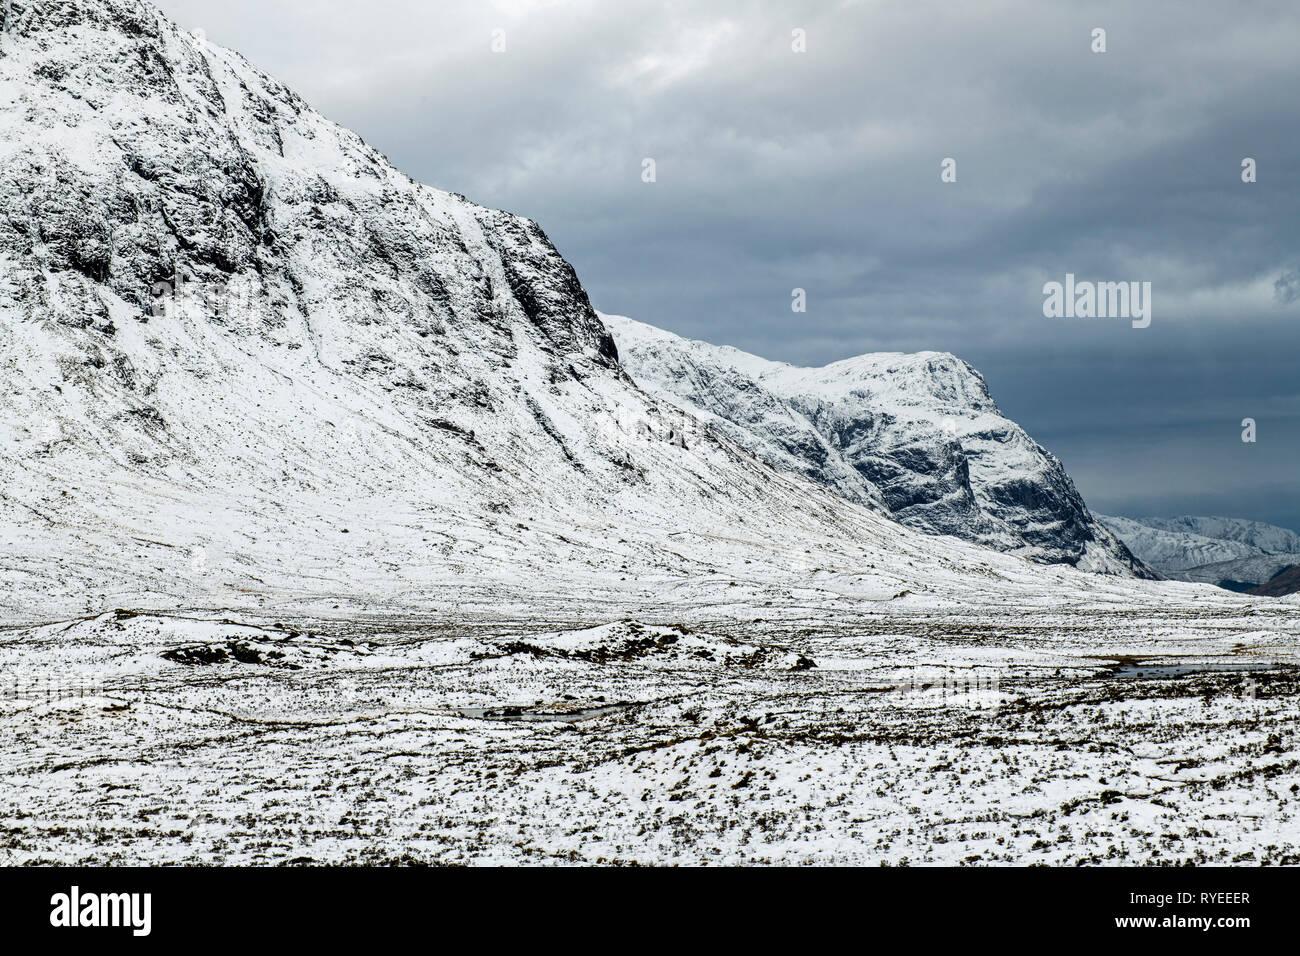 El valle y grags de Glencoe en colores invernales en Escocia. Fotografiado en febrero Foto de stock